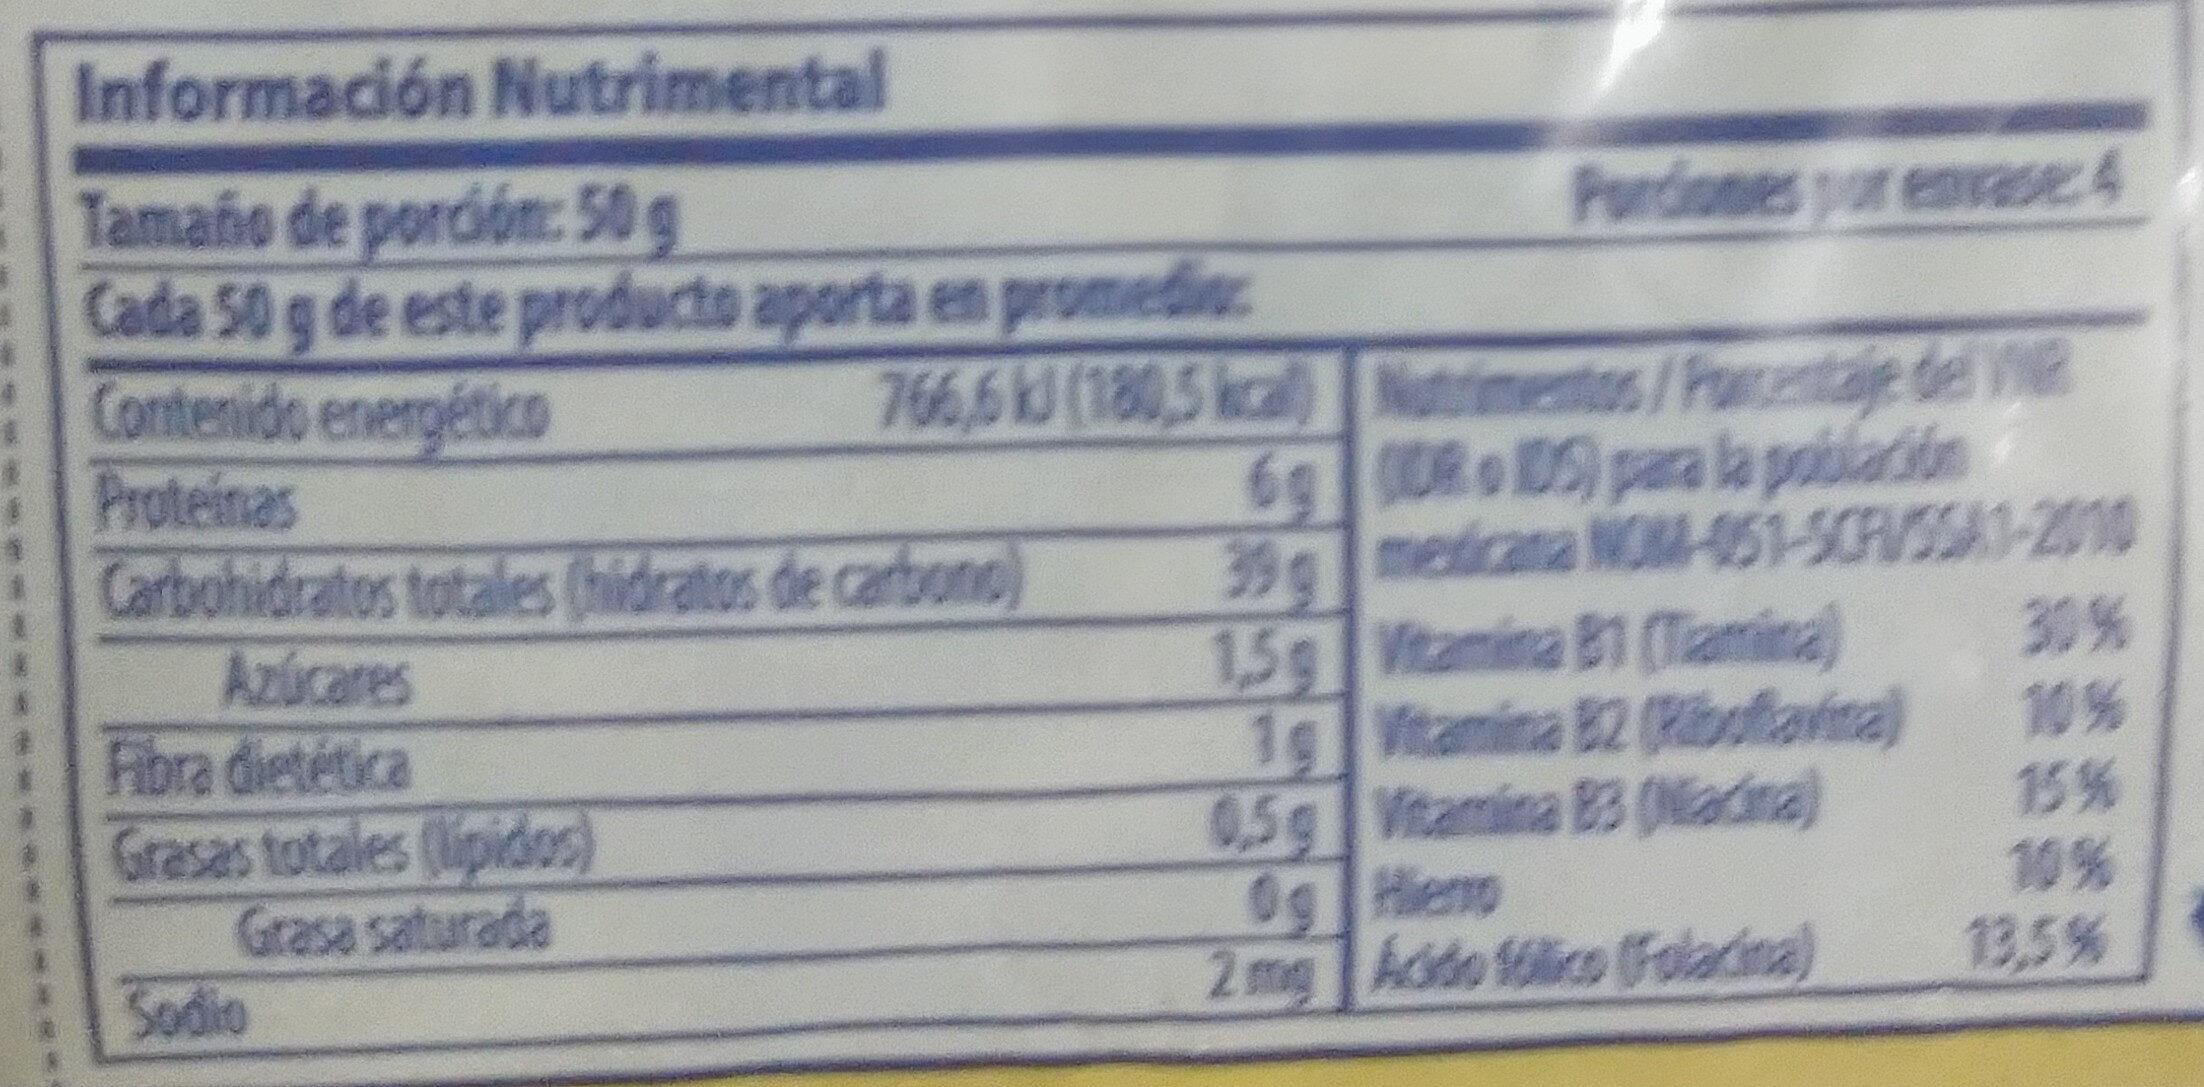 Codo mediano - Nutrition facts - es